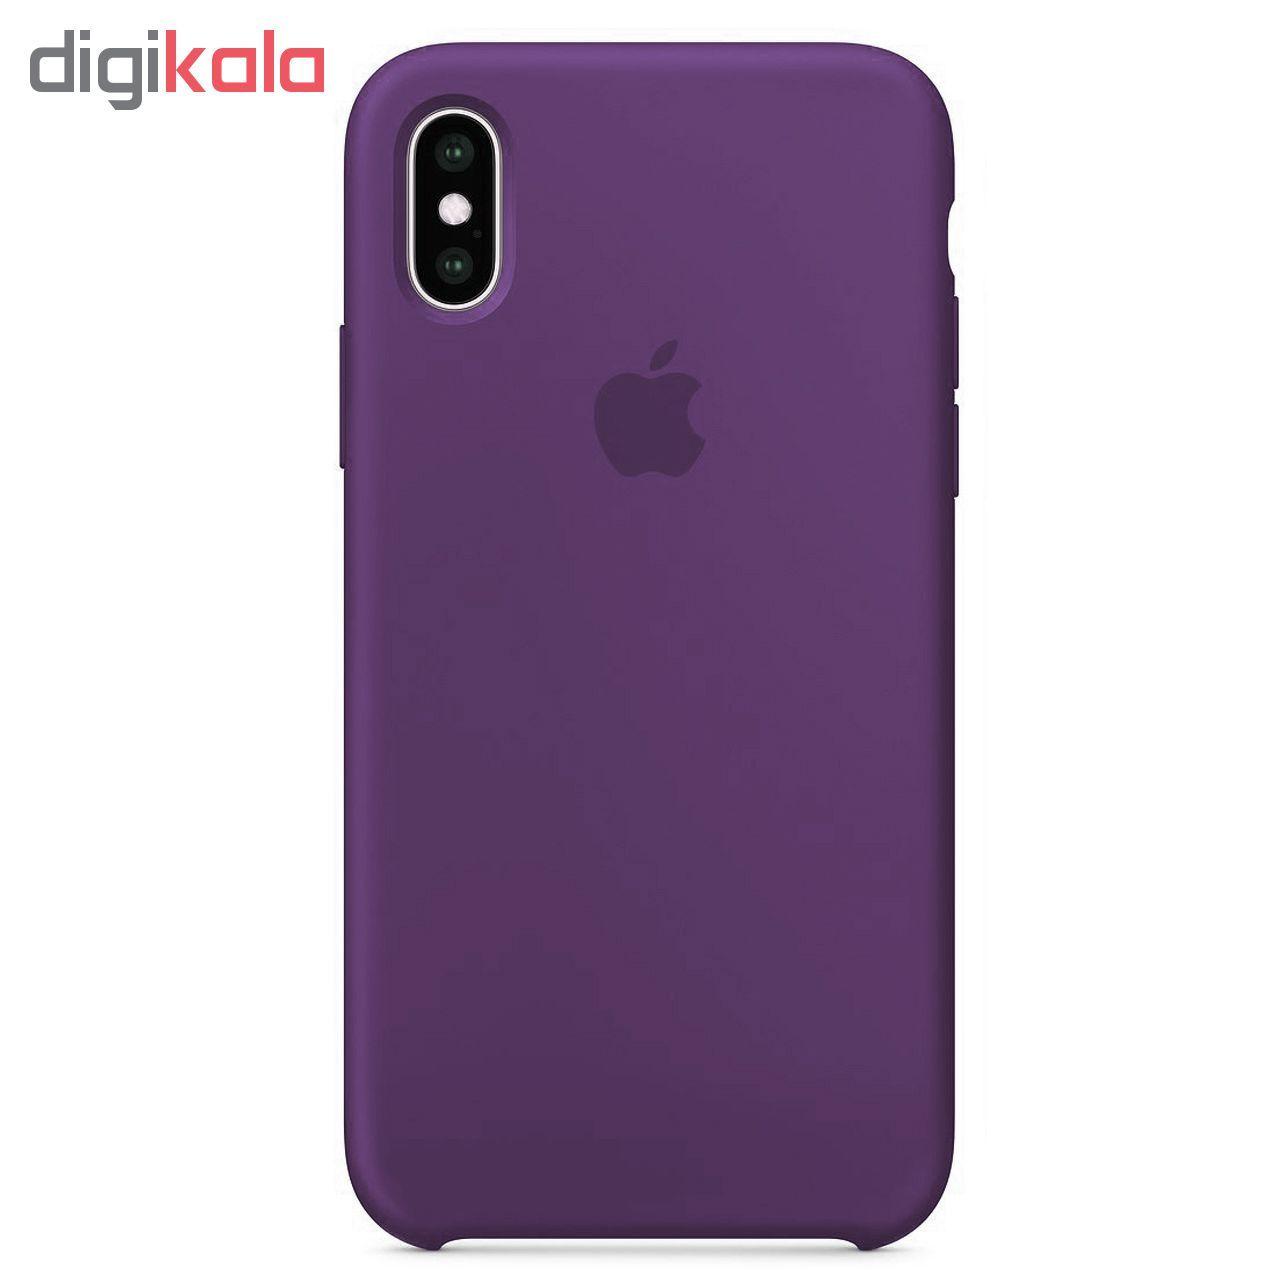 کاور مدل sili004 مناسب برای گوشی موبایل اپل Iphone XS Max main 1 1